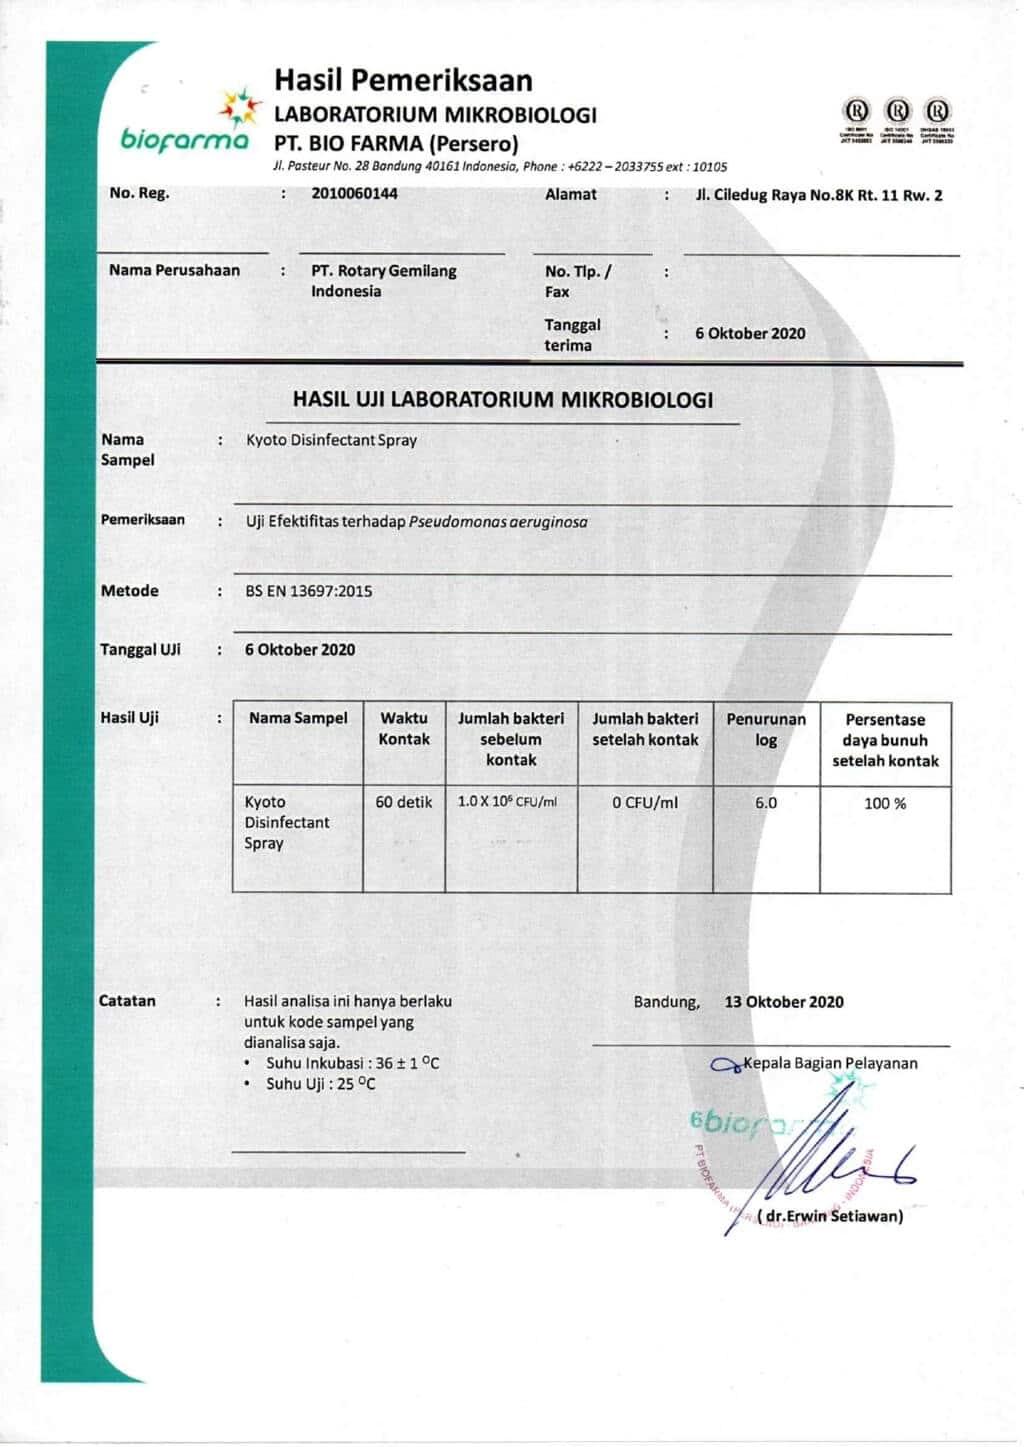 optimize- Hasil Lab Biofarma Aerosol_pages-to-jpg-0006